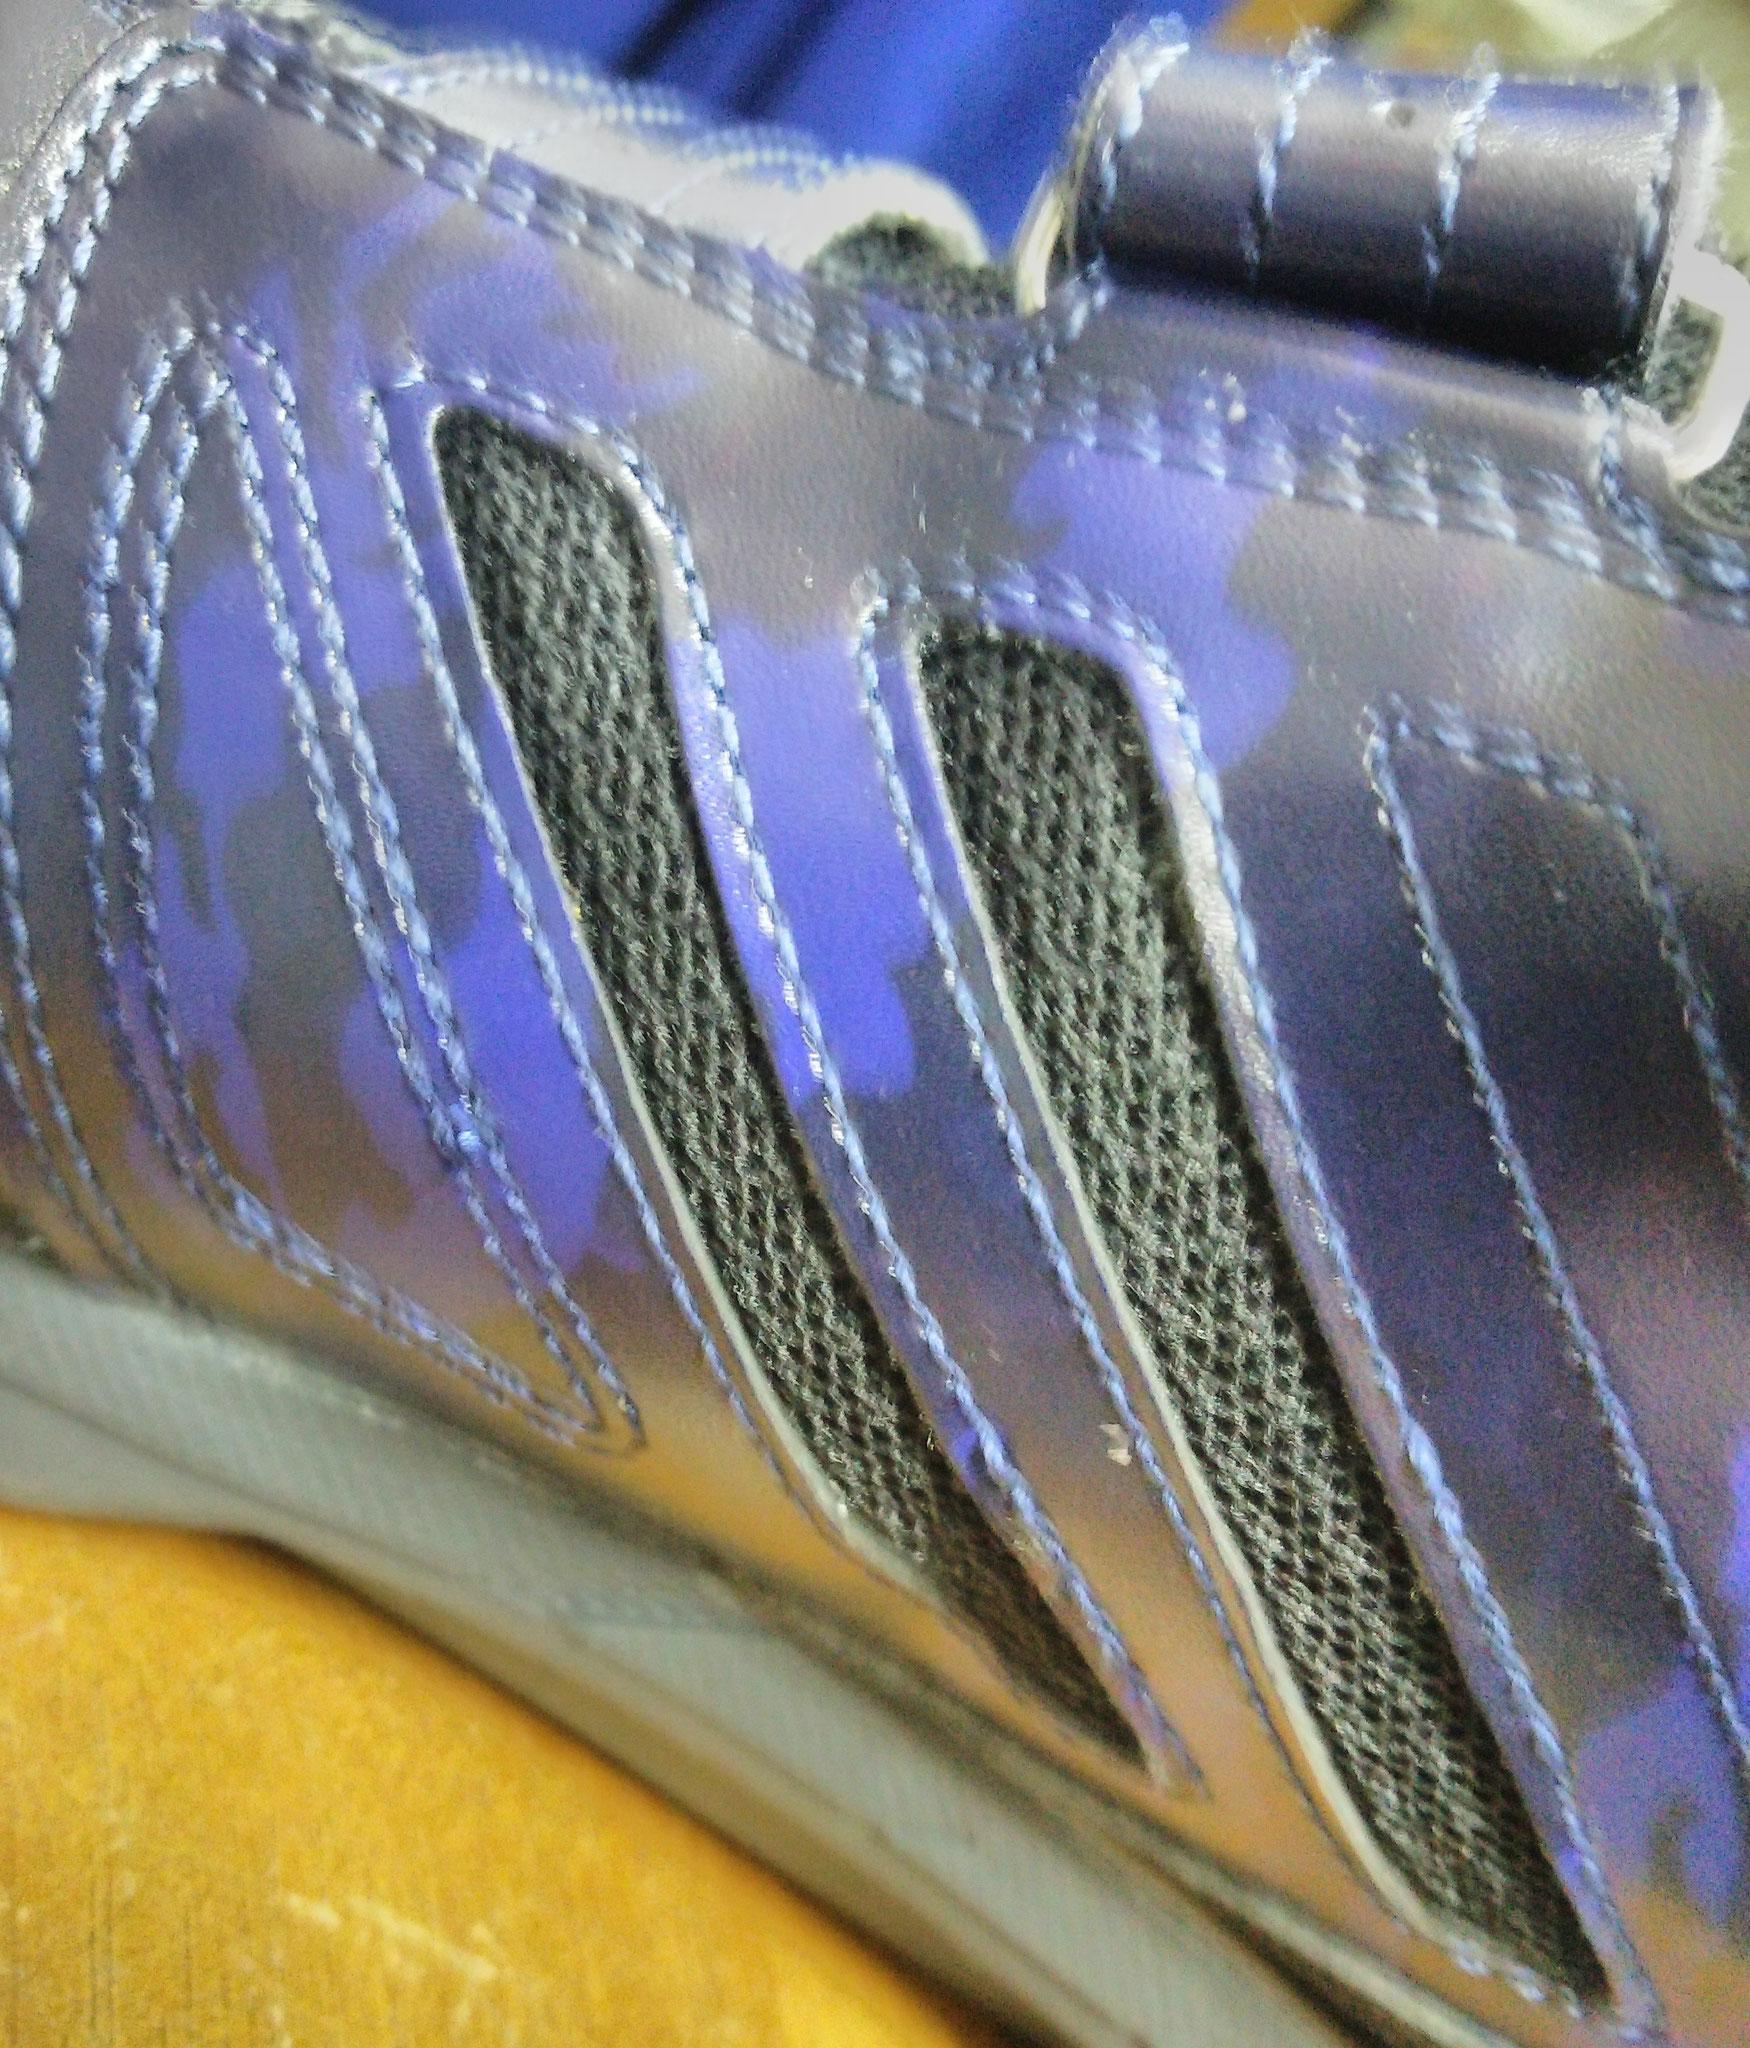 C1GA1802 ミズノ安全スニーカー   サイドメッシュがムレを防止して快適です。